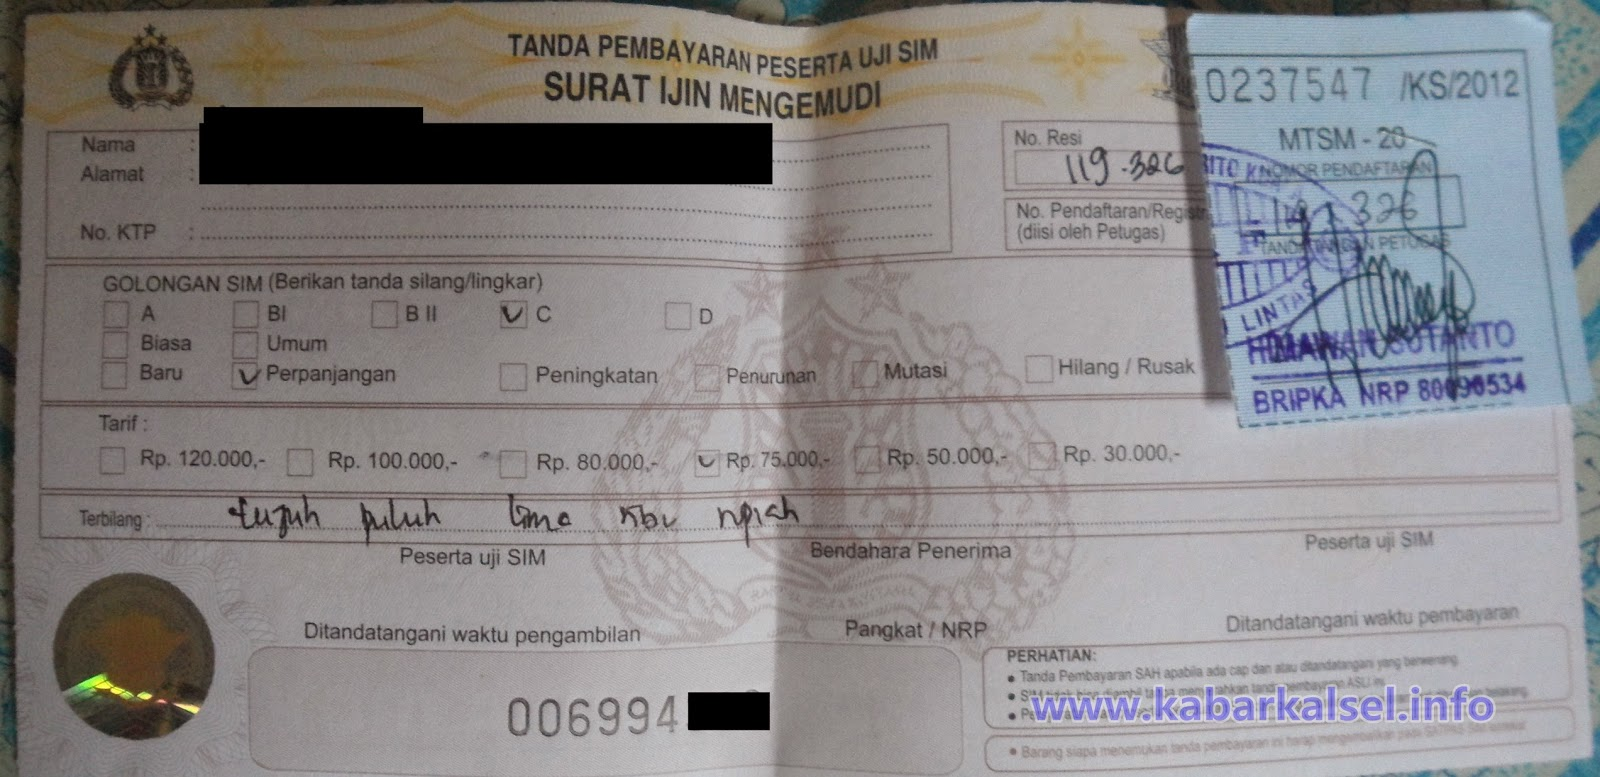 biaya pembuatan sim di Polres Batola, Marabahan